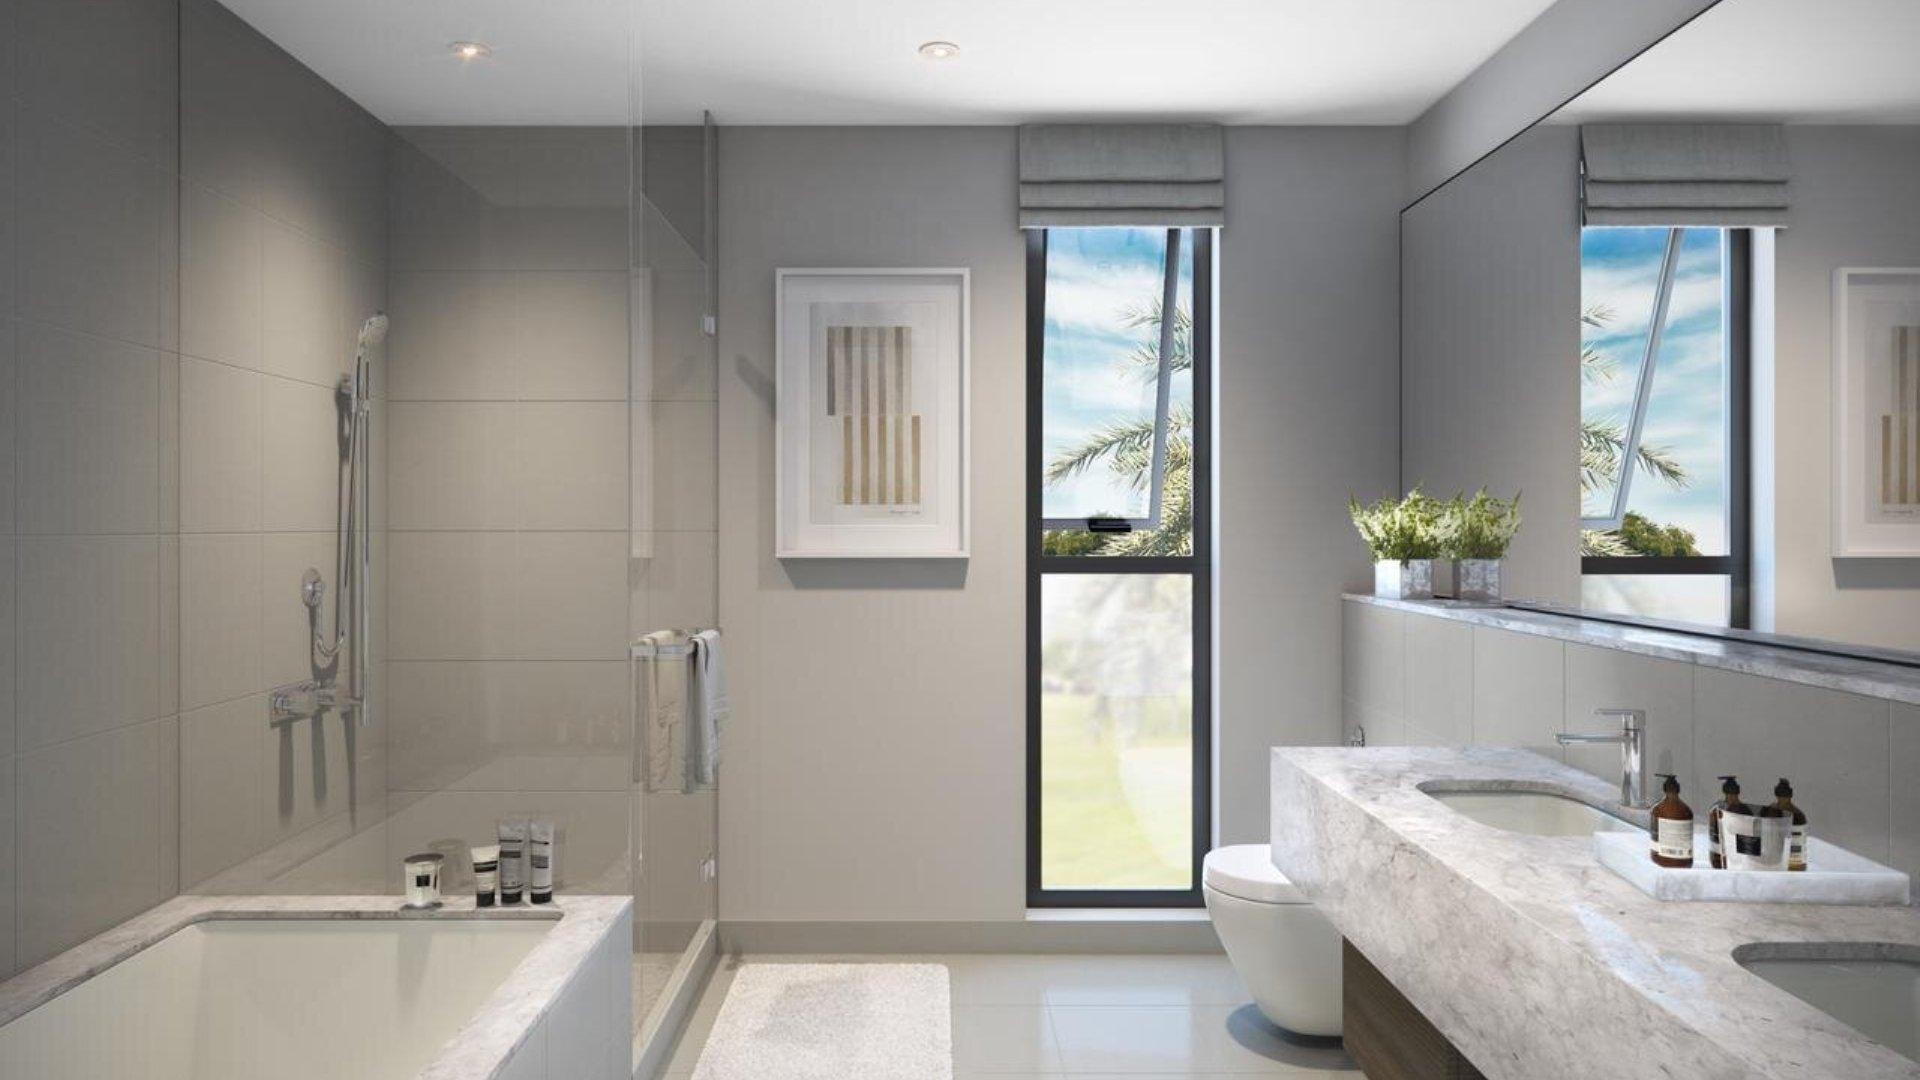 Villa en venta en Dubai, EAU, 3 dormitorios, 272 m2, № 24392 – foto 5